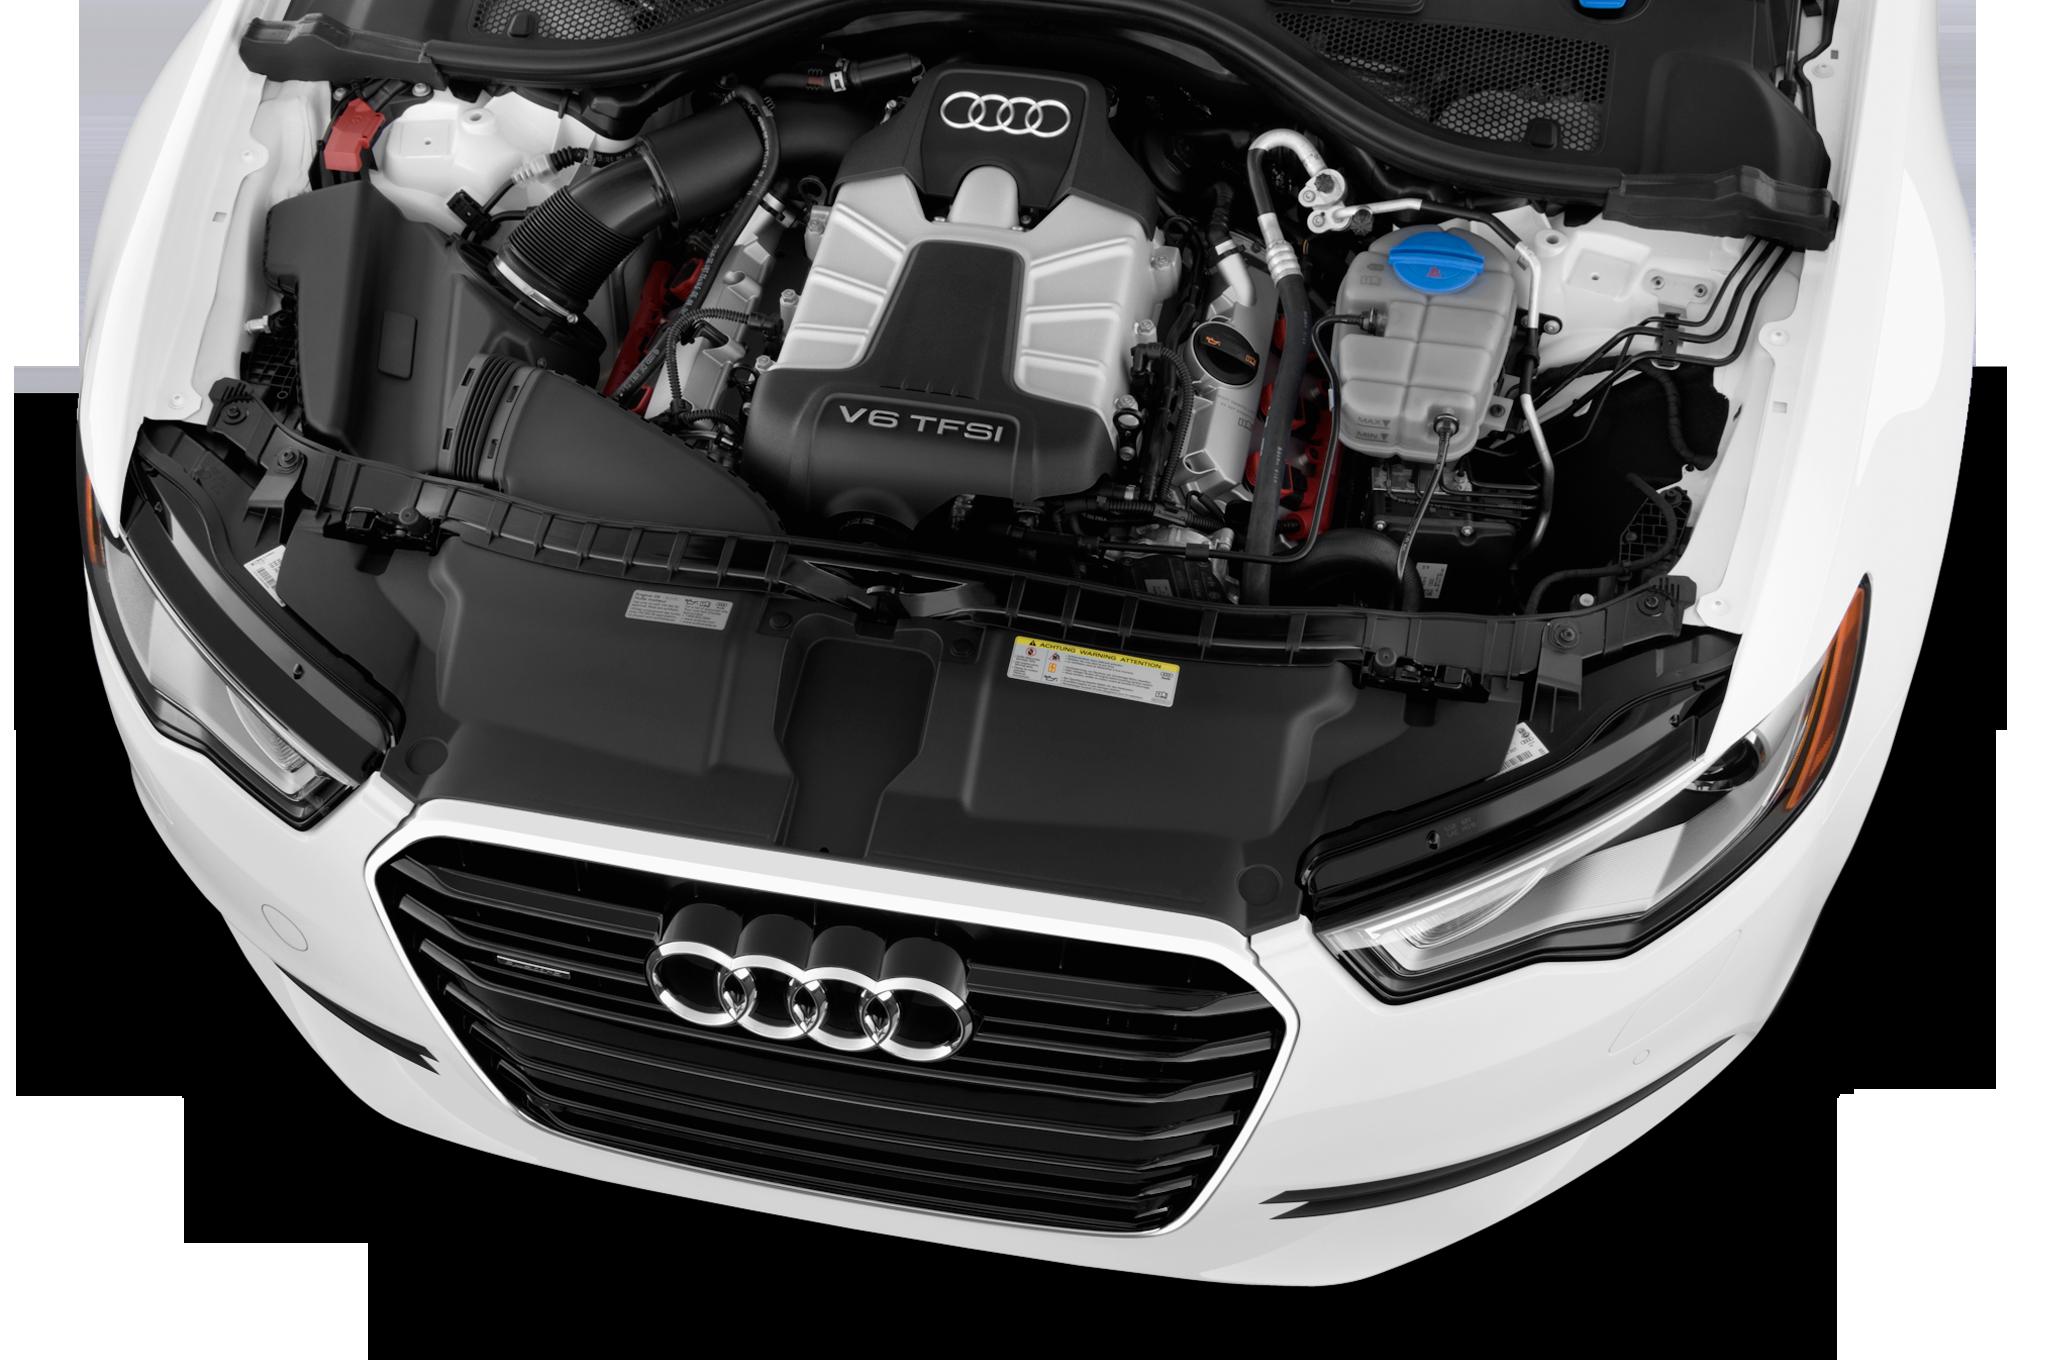 Audi Builds Five Millionth Quattro Vehicle Since 1980